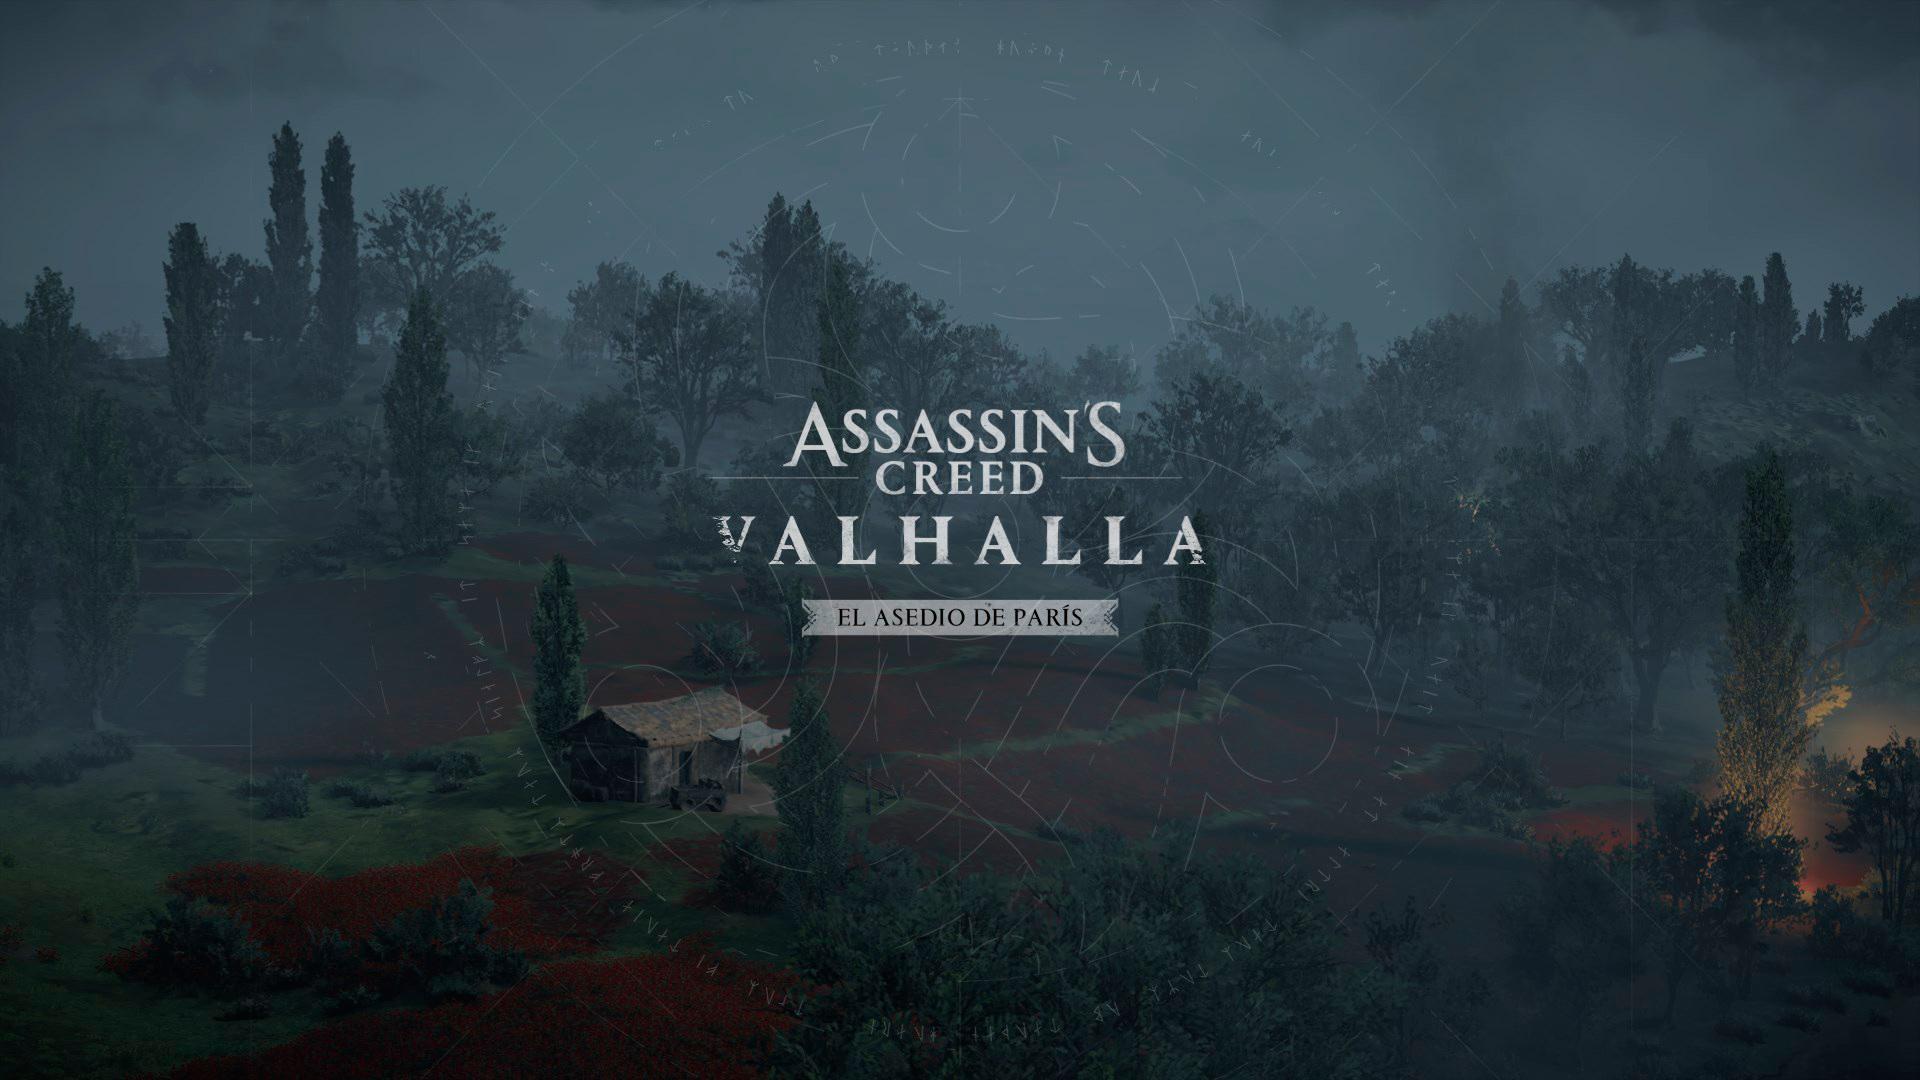 El asedio de París en Assassin's Creed Valhalla